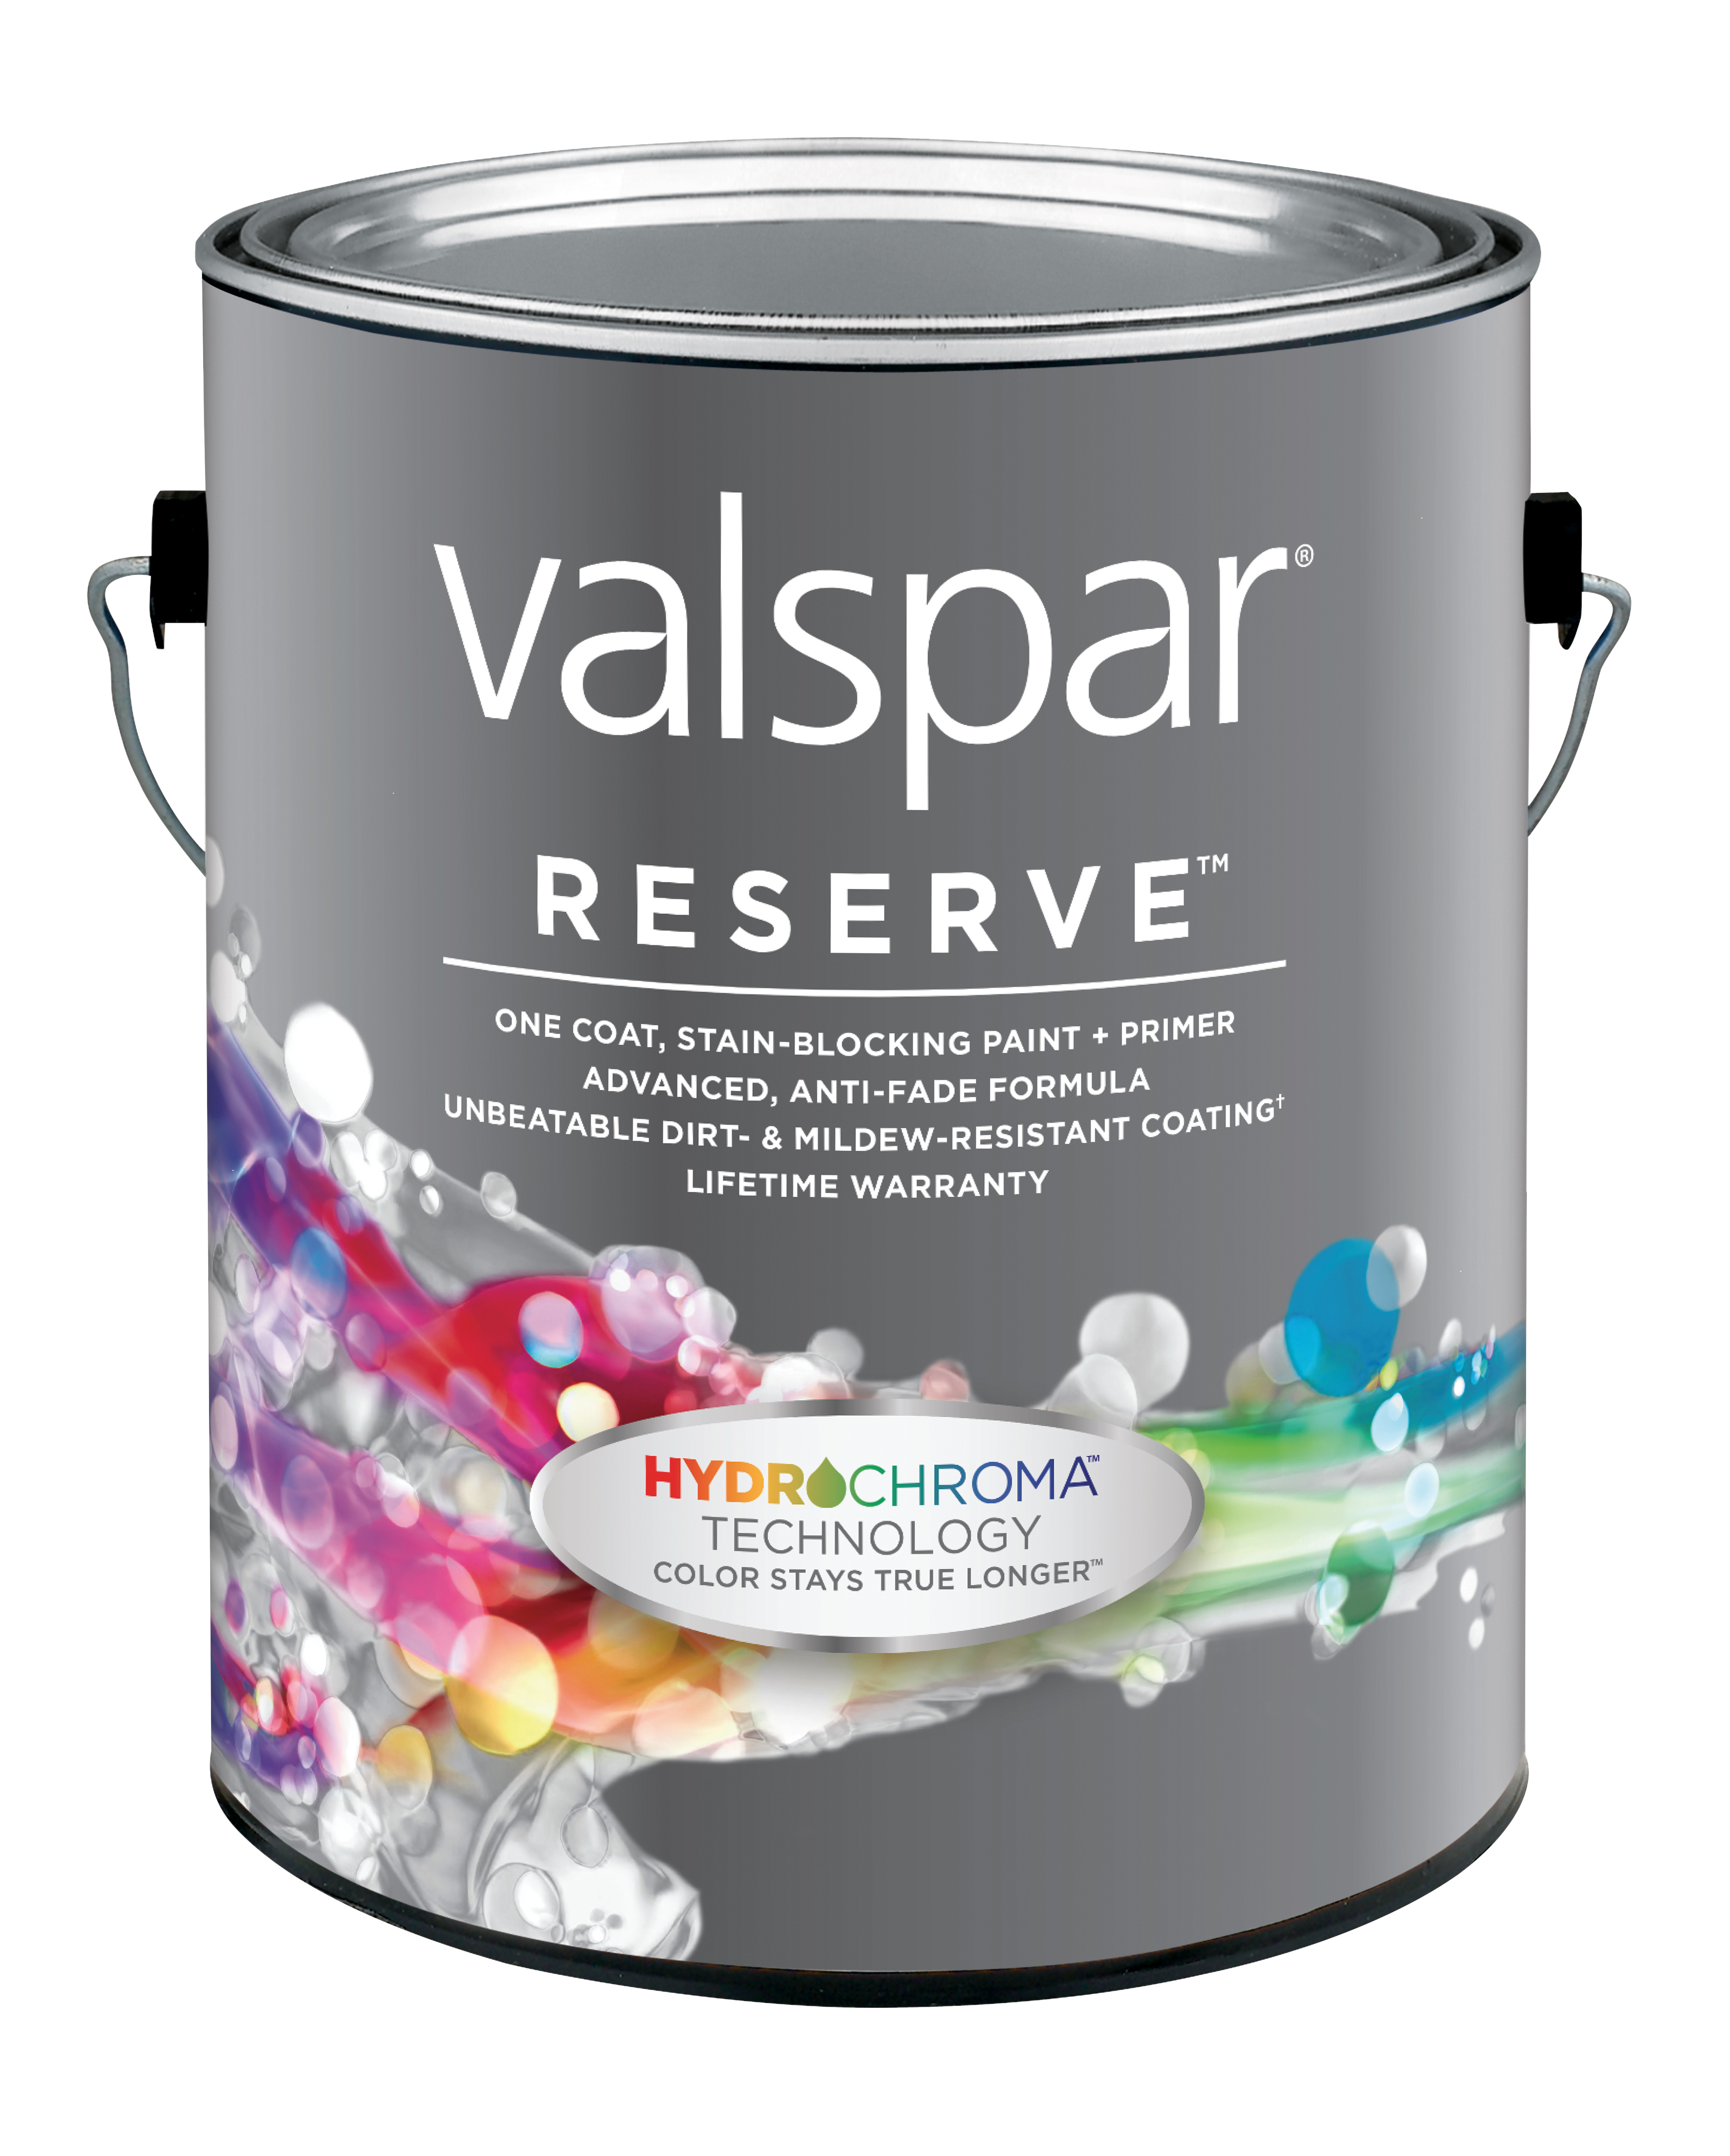 Valspar interior paint sheens Valspar duramax exterior satin finish